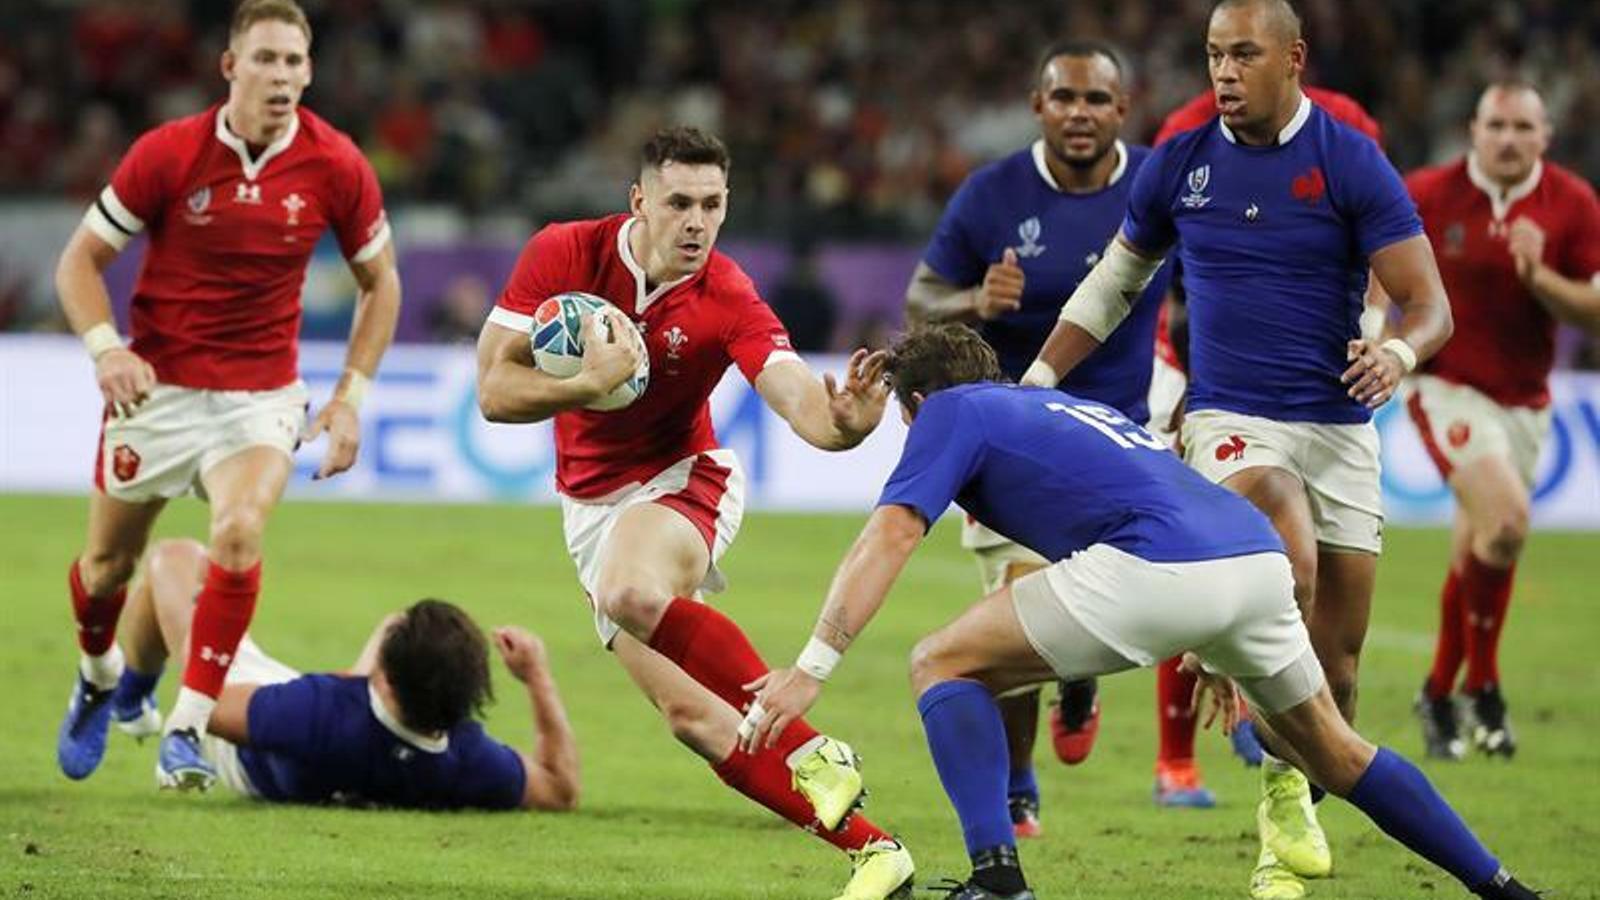 Gal·les supera França per un punt i jugarà la semifinal del Mundial de rugbi (20-19)